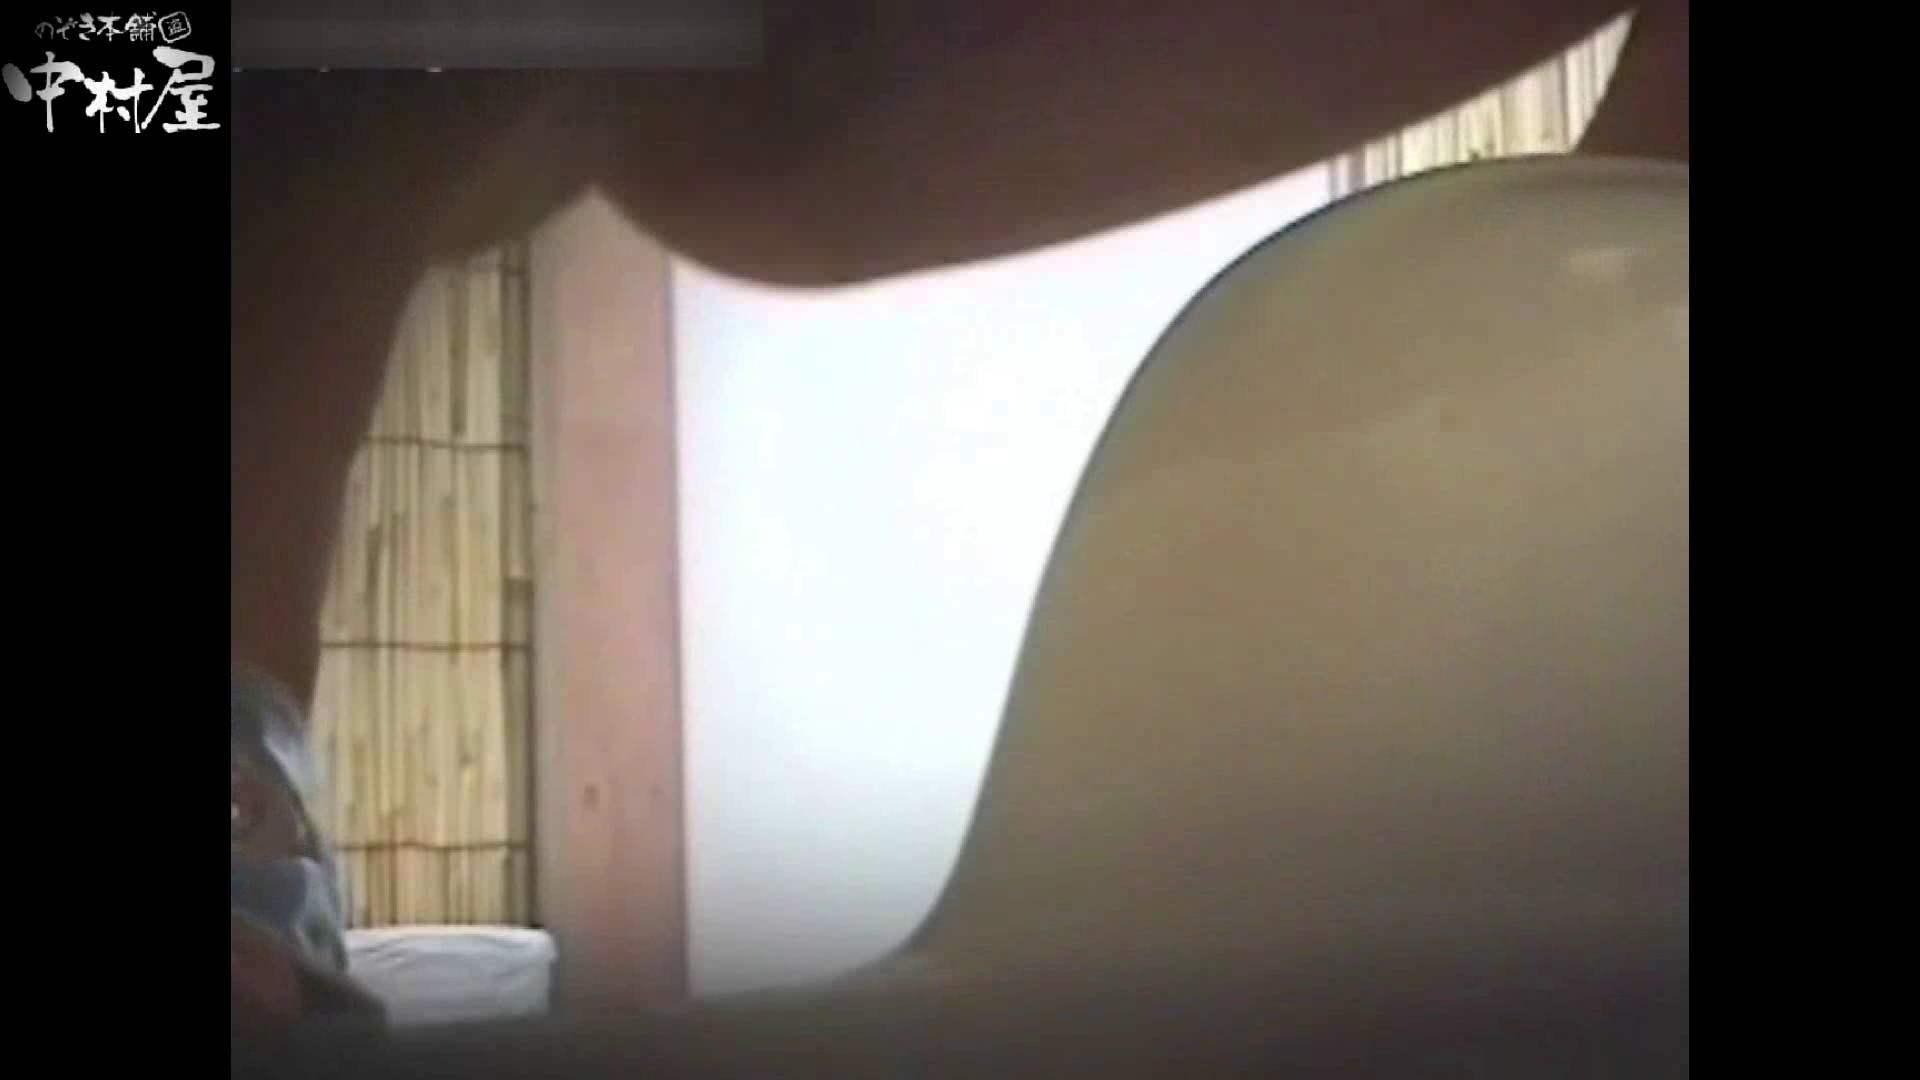 解禁!海の家4カメ洗面所vol.63 人気シリーズ 盗撮戯れ無修正画像 106画像 47